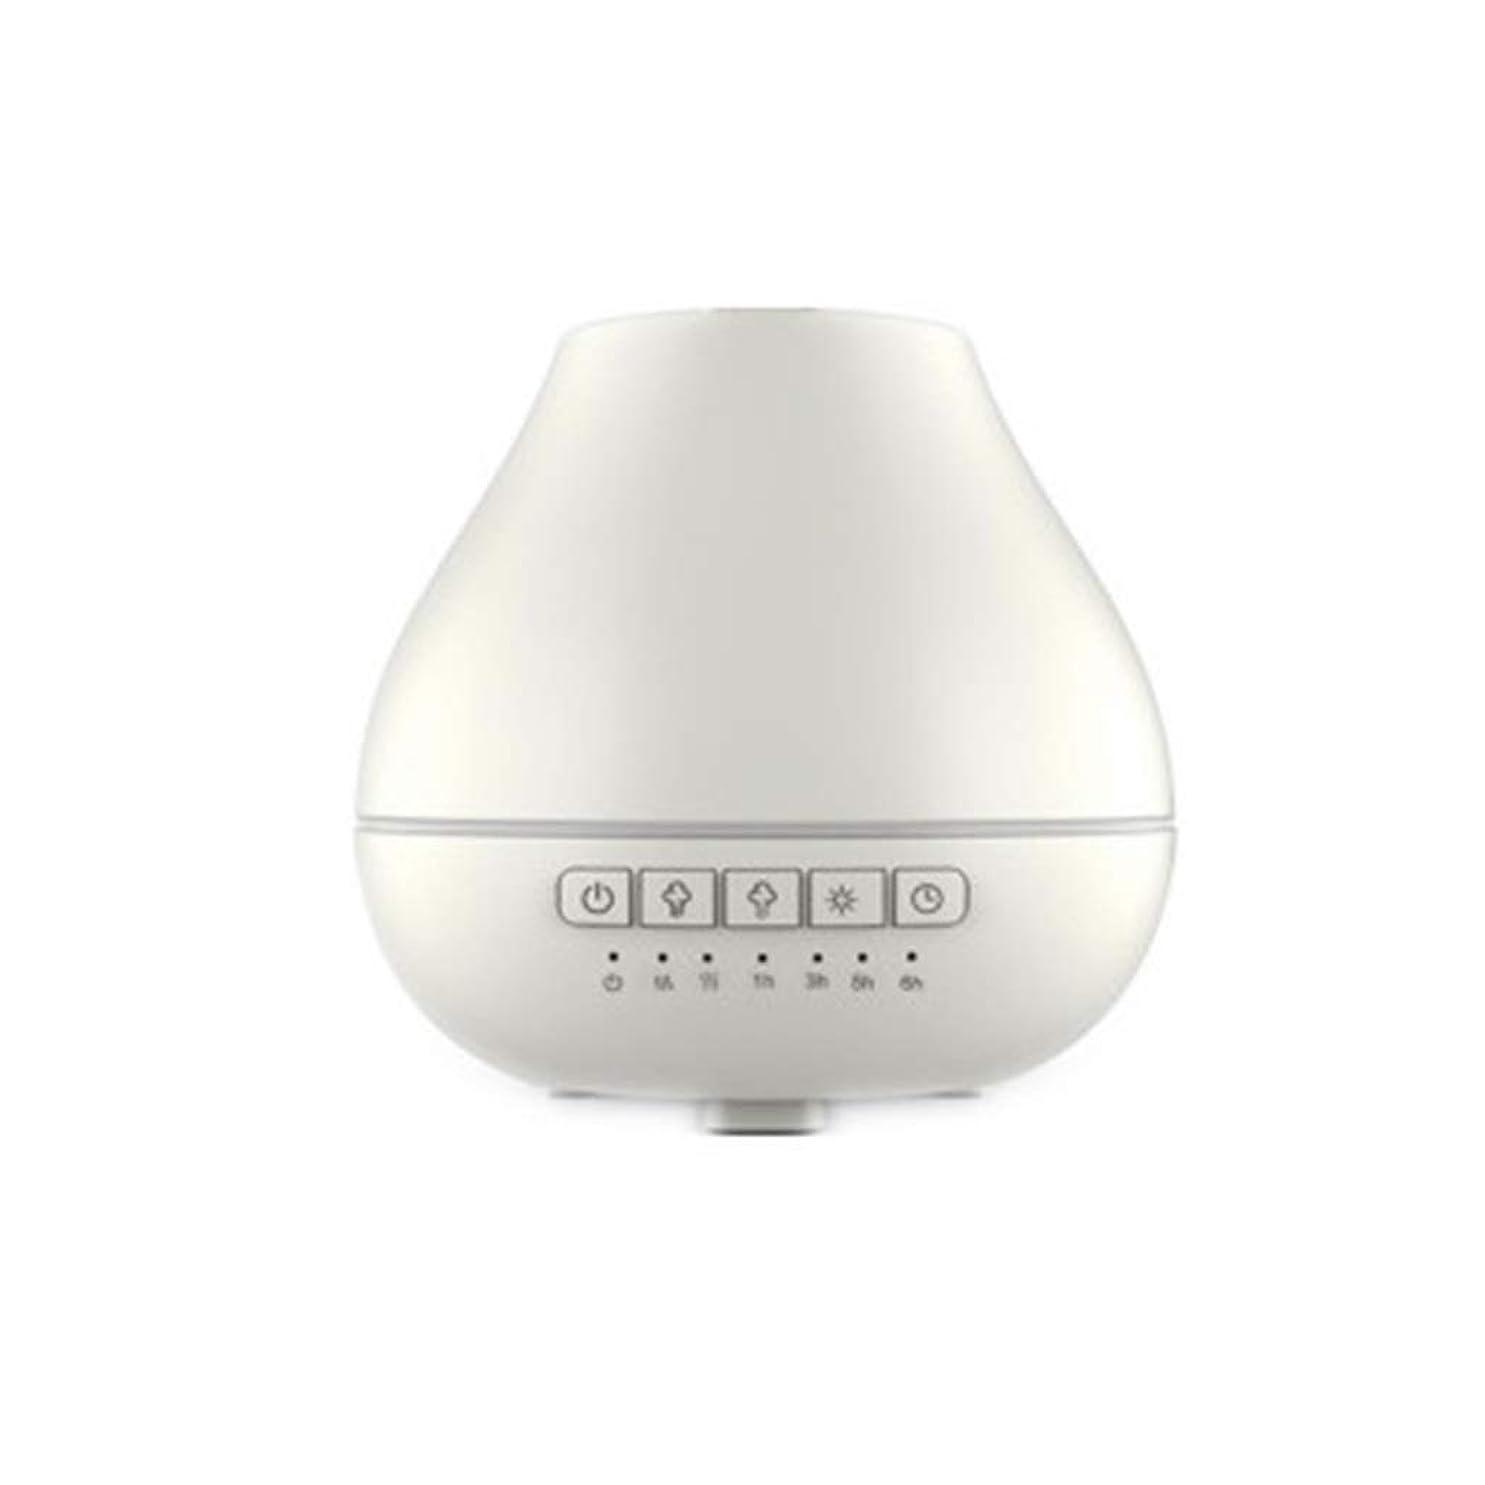 おっとベギンレンダー色LEDライトが付いている200ml超音波冷たい霧の加湿器は家のヨガのオフィスの鉱泉の寝室の拡散器を変えます (Color : White)